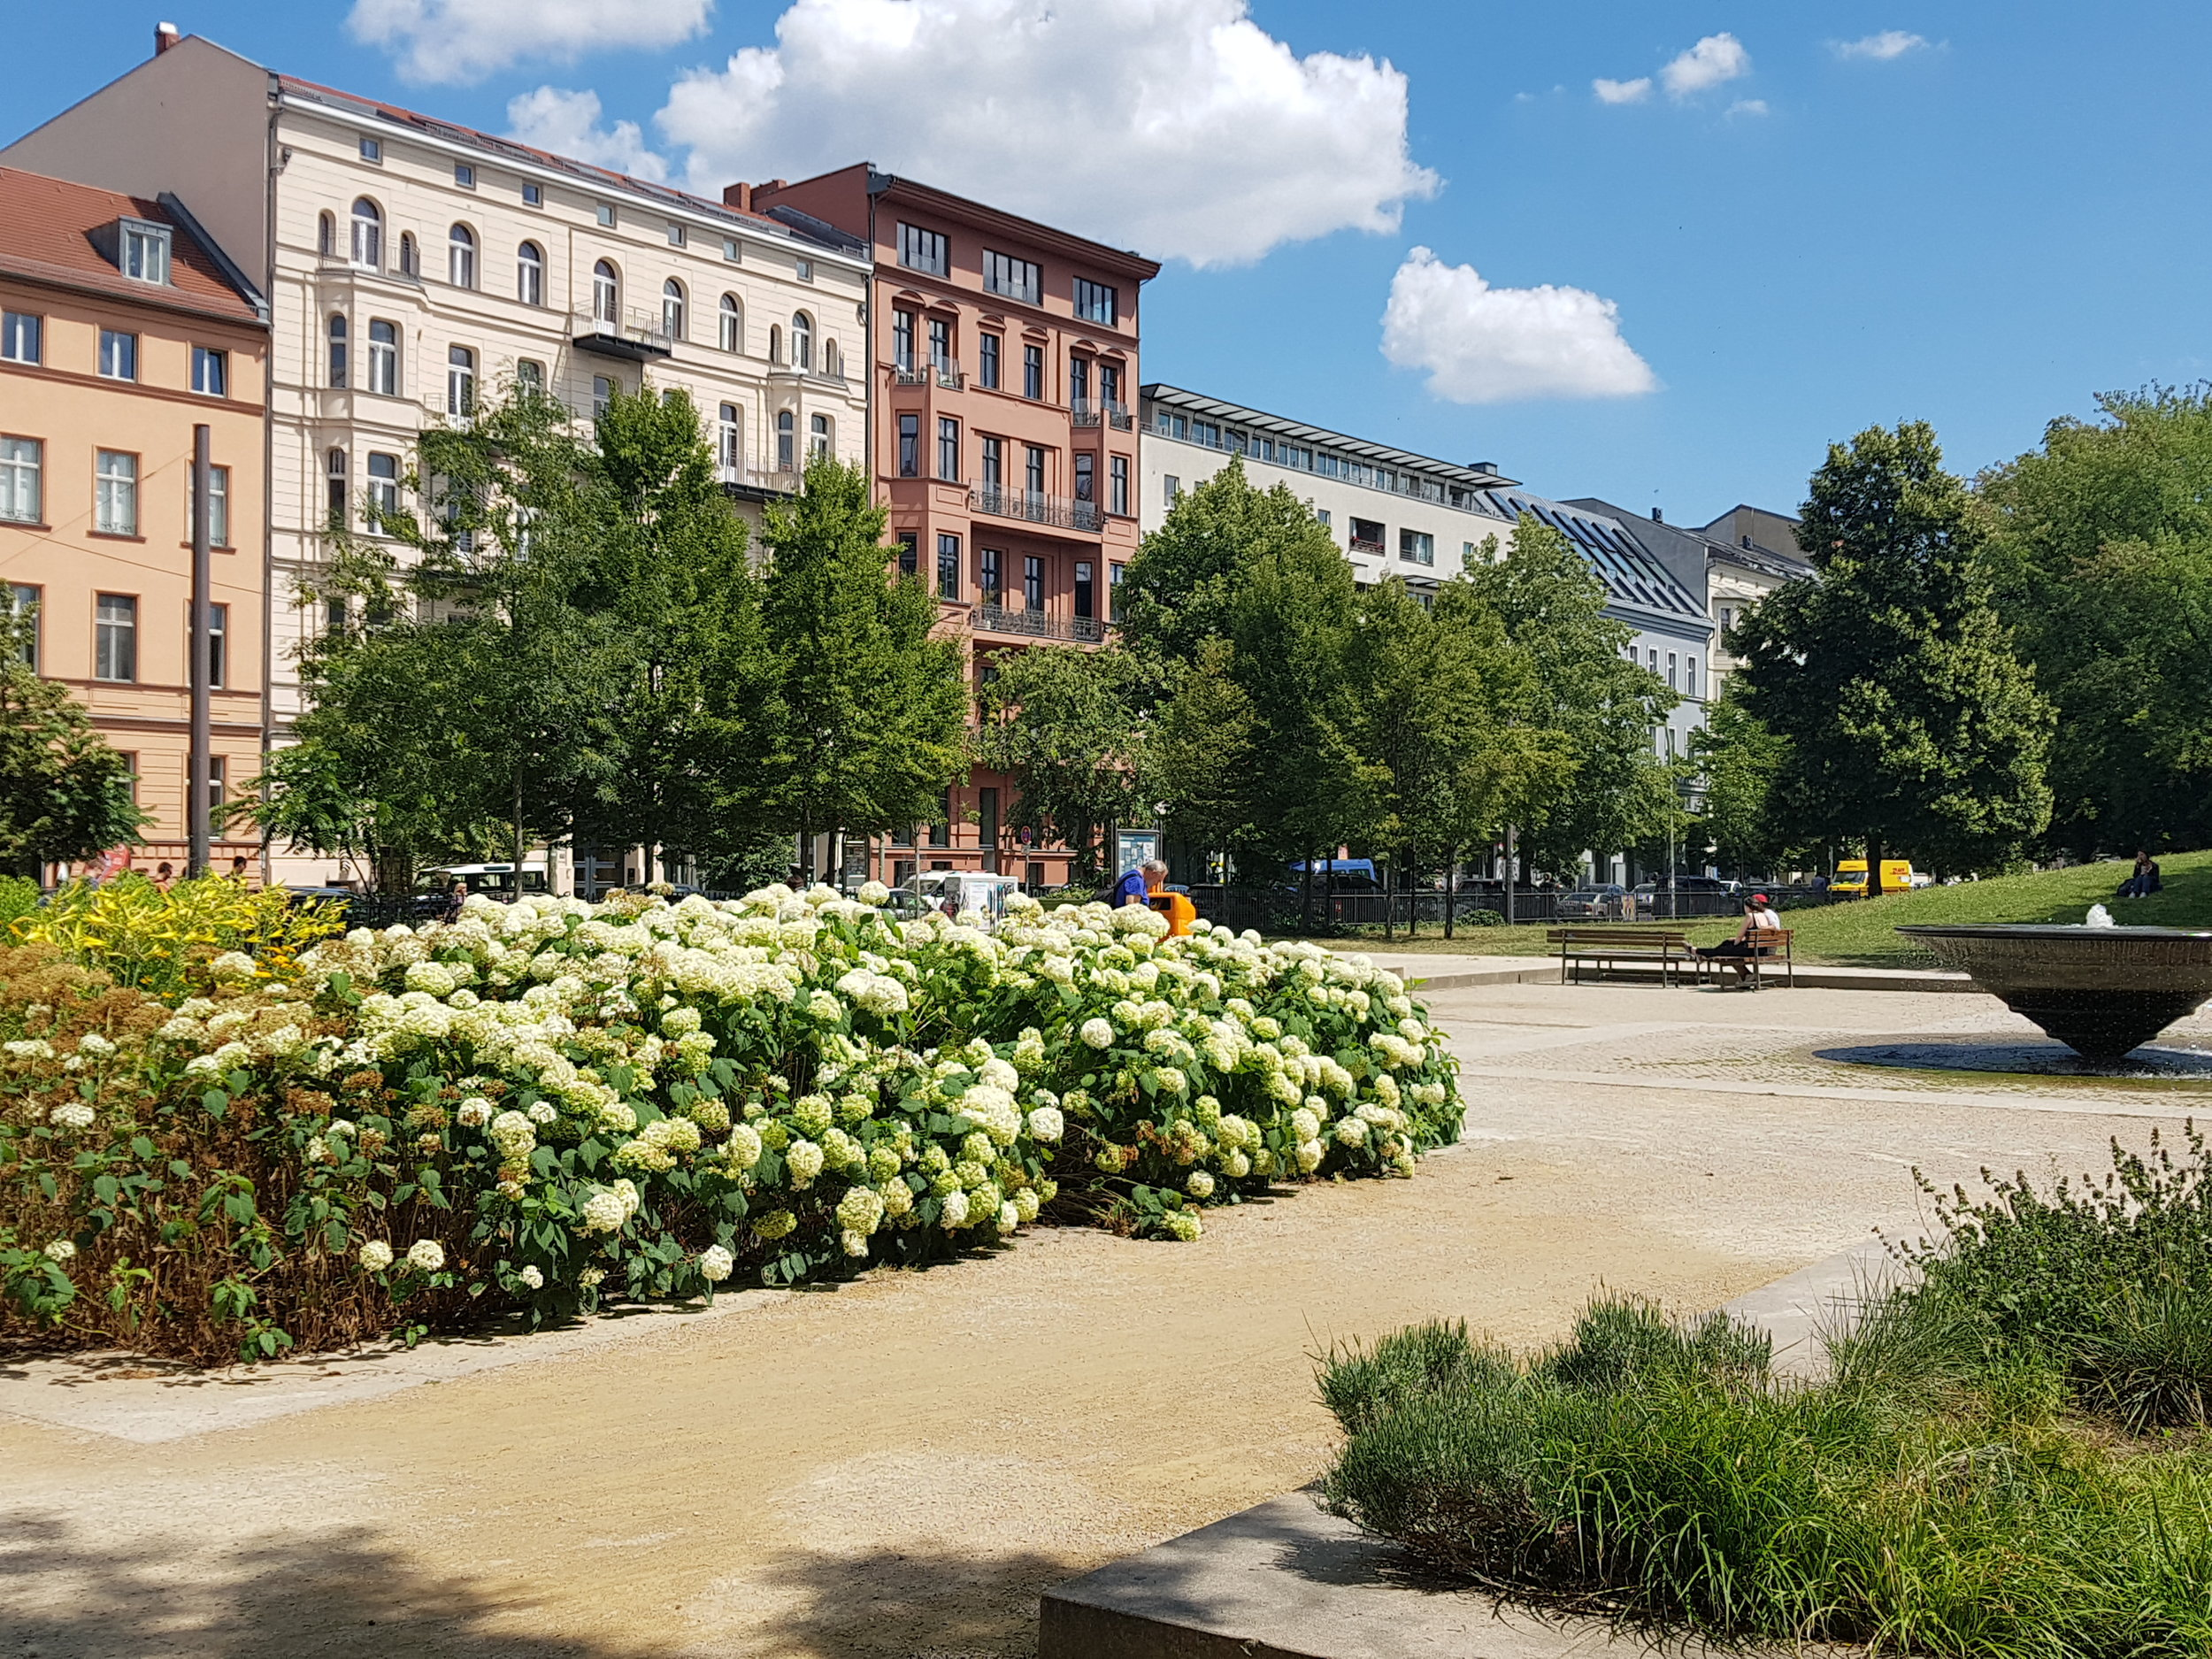 Monbijou Park, Berlin